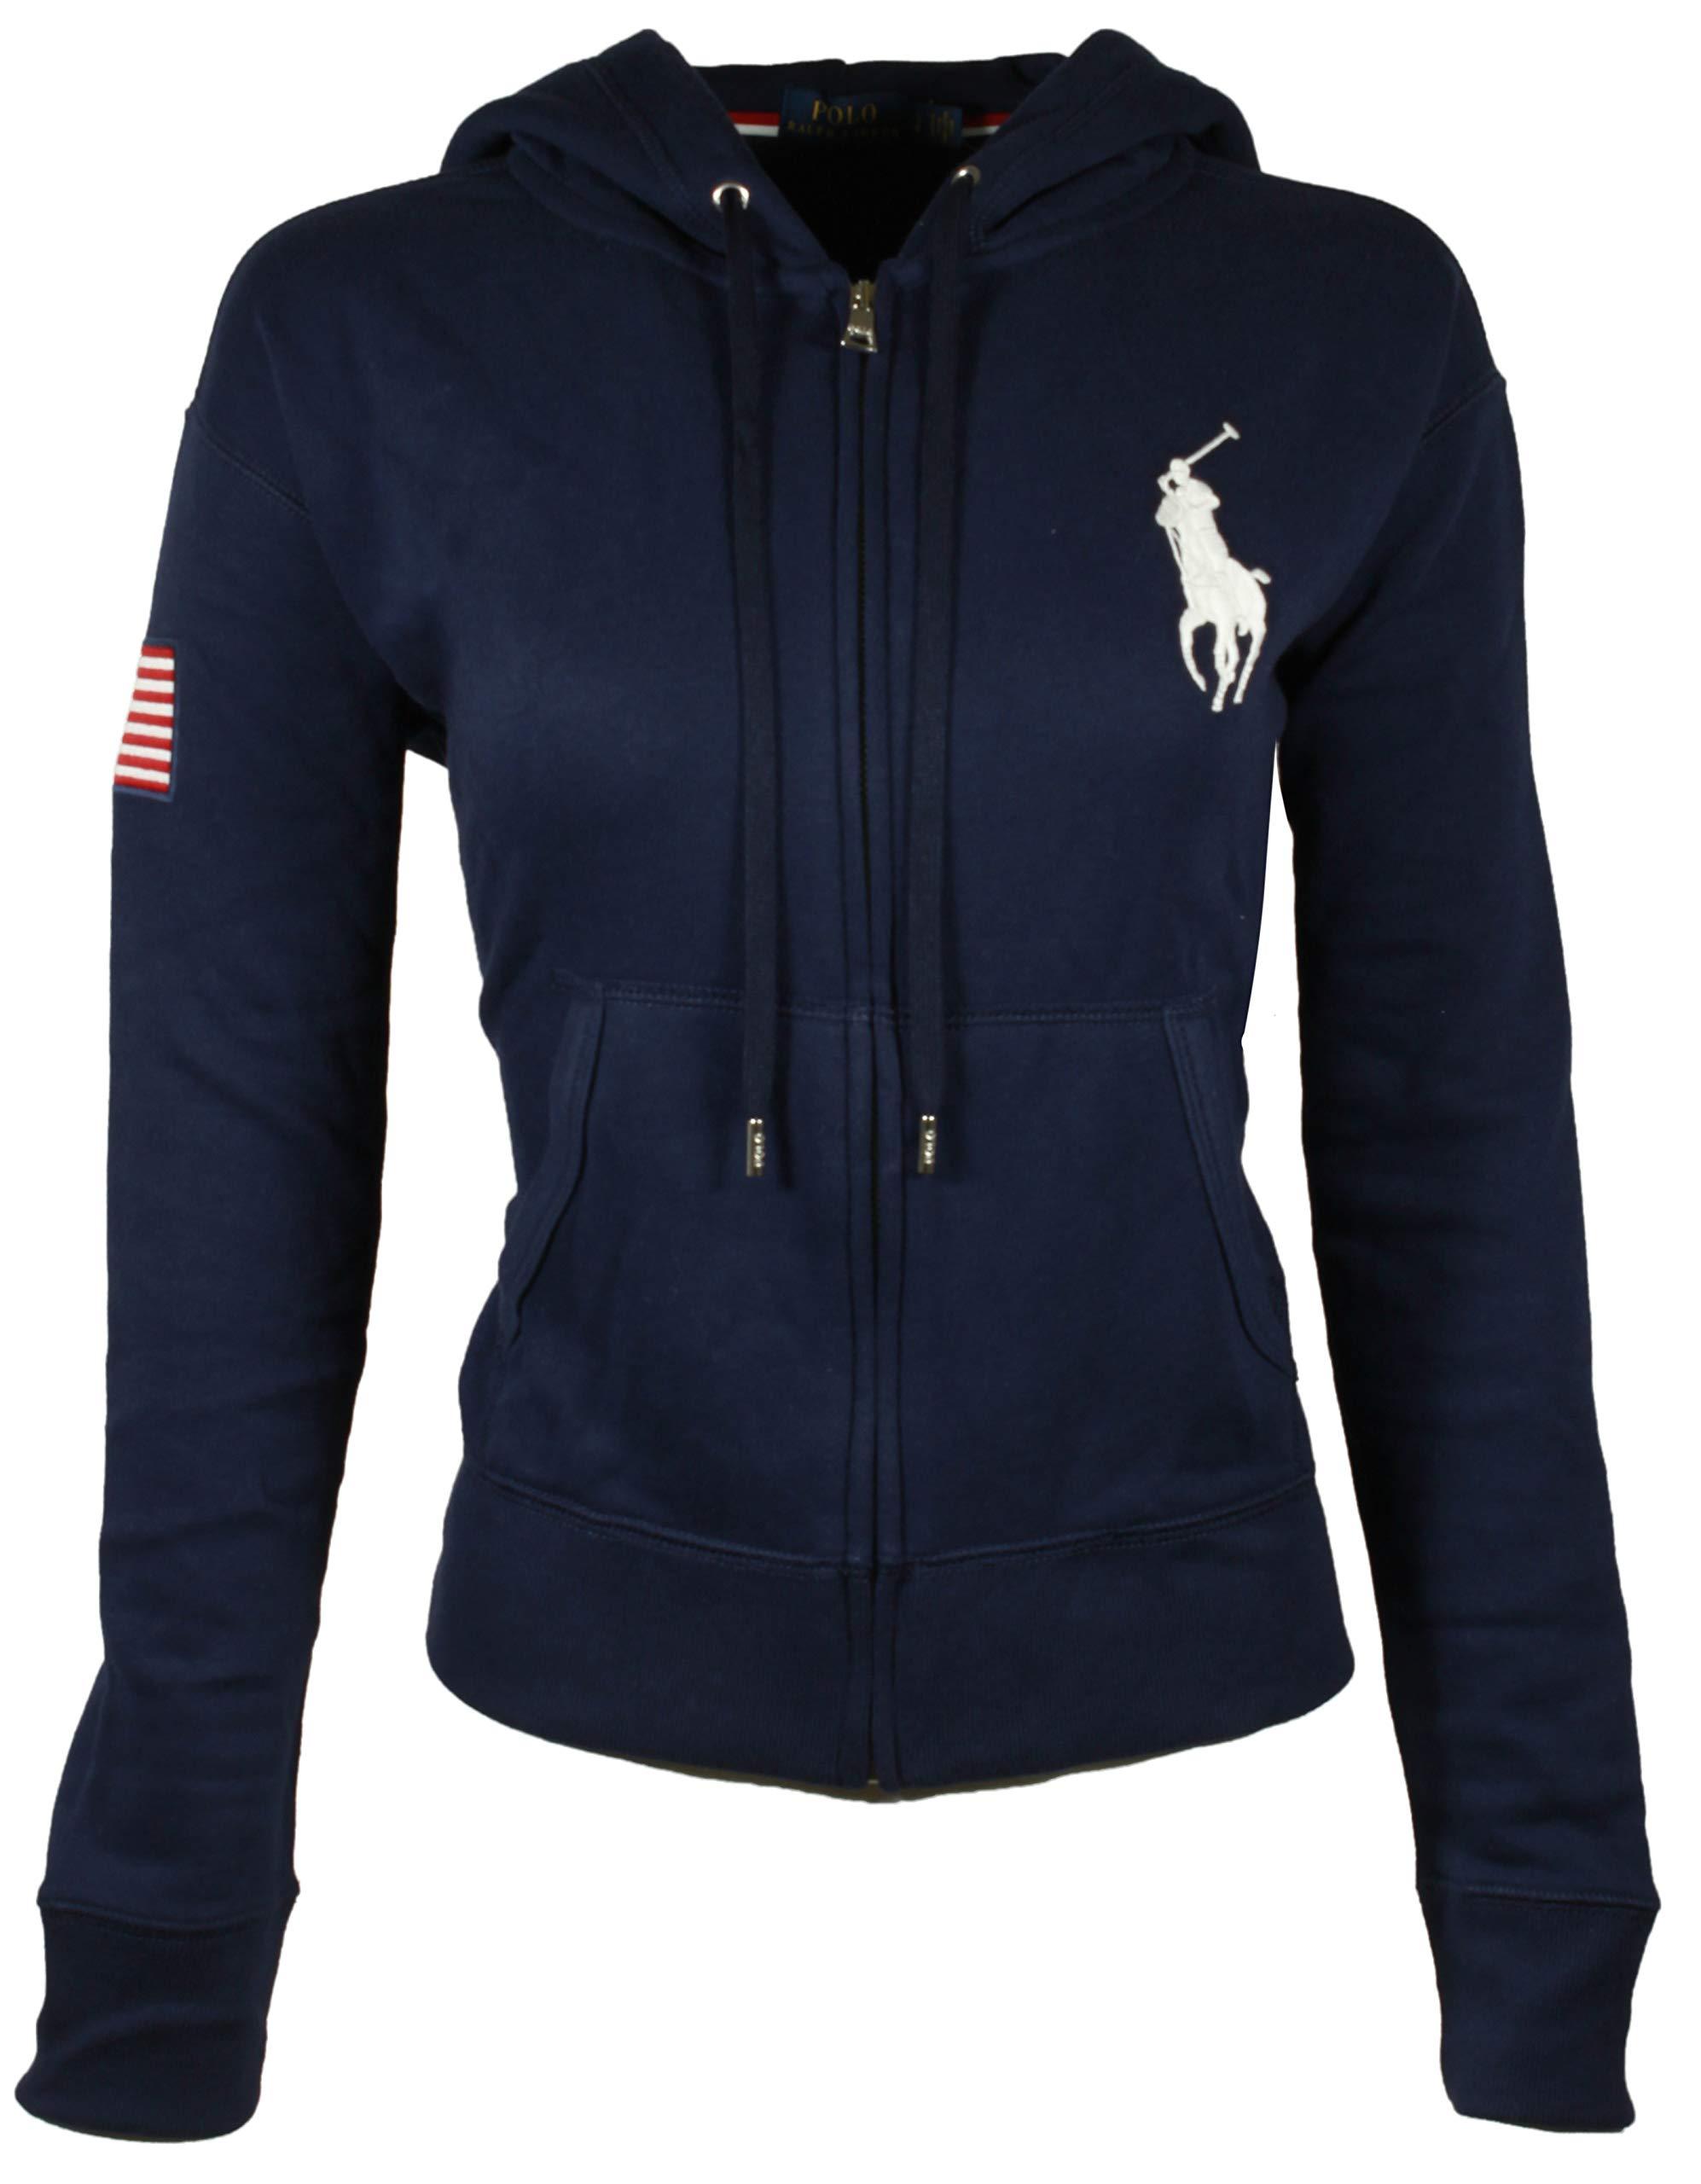 RALPH LAUREN Polo Womens Big Pony Fleece Hooded Sweatshirt (X-Small, Navy)